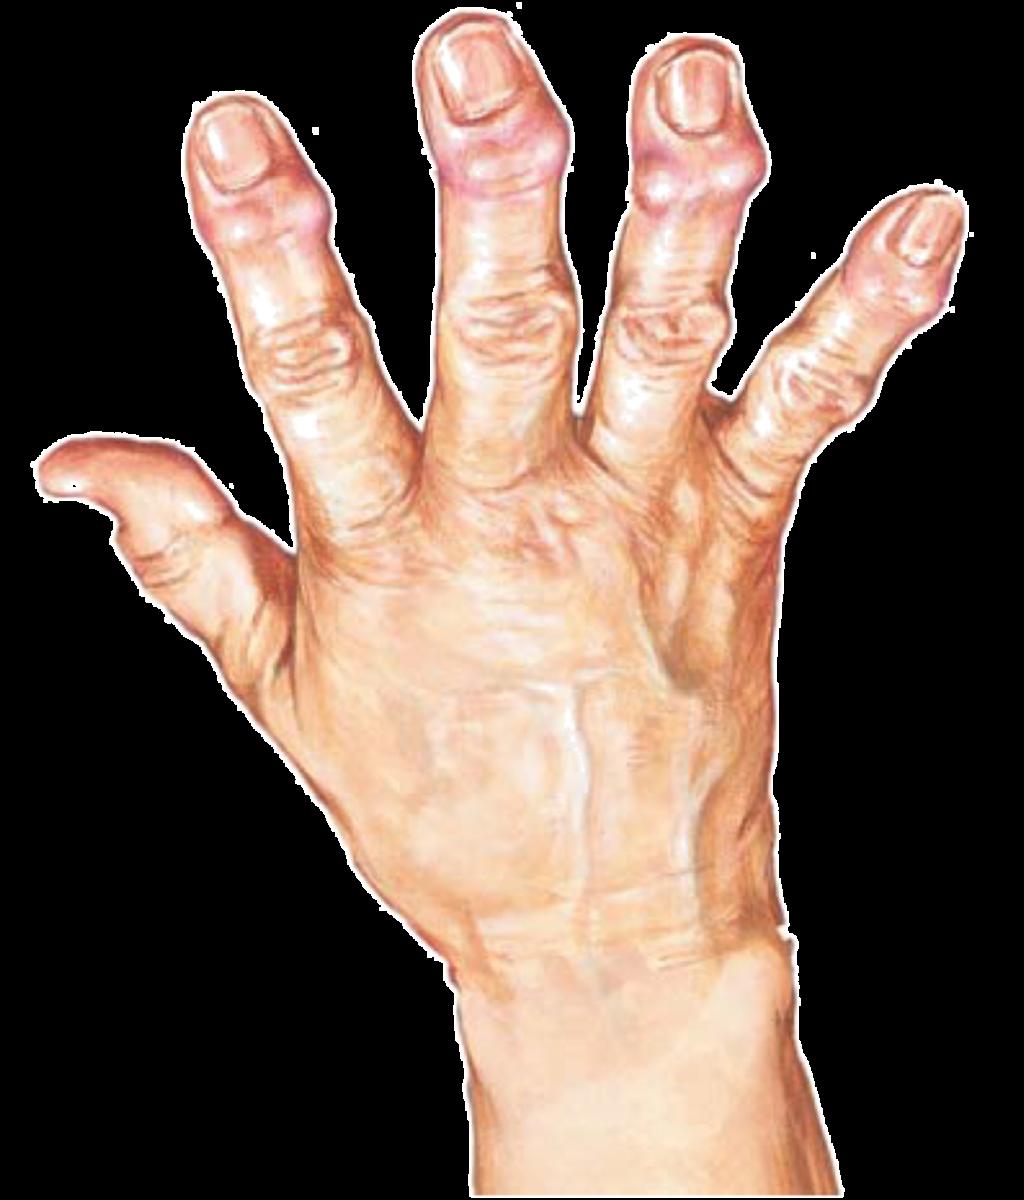 Боли в лучезапястном суставе – причины возникновения, сопутствующая симптоматика, методы диагностики и лечения